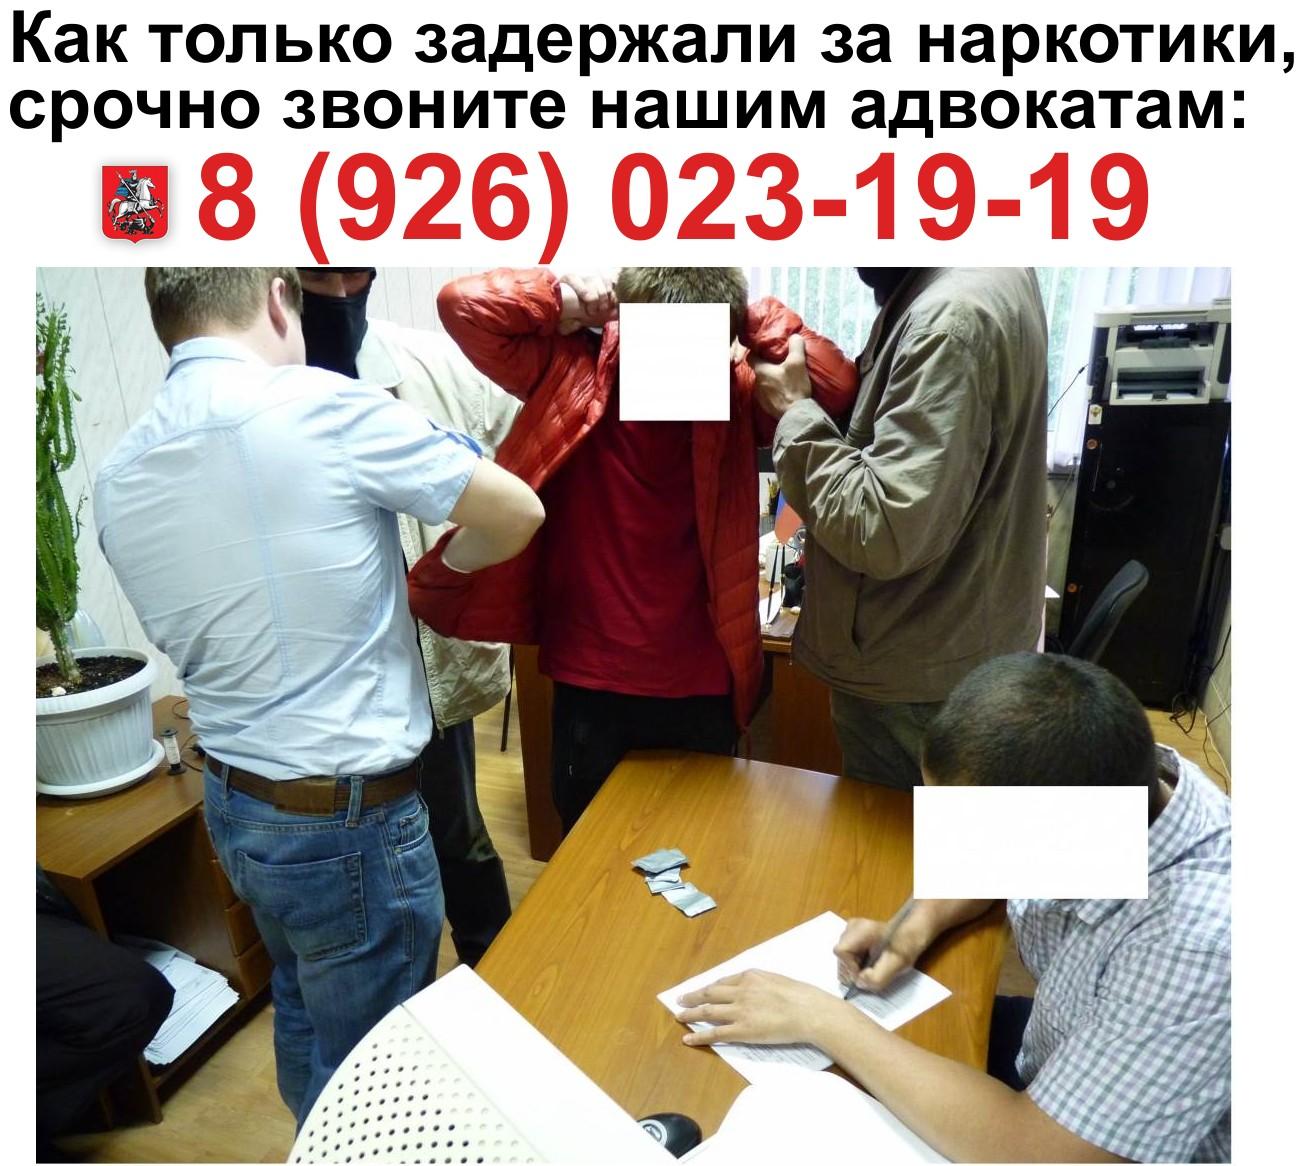 Адвокат по наркотикам.Адвокаты по наркотикам Москва